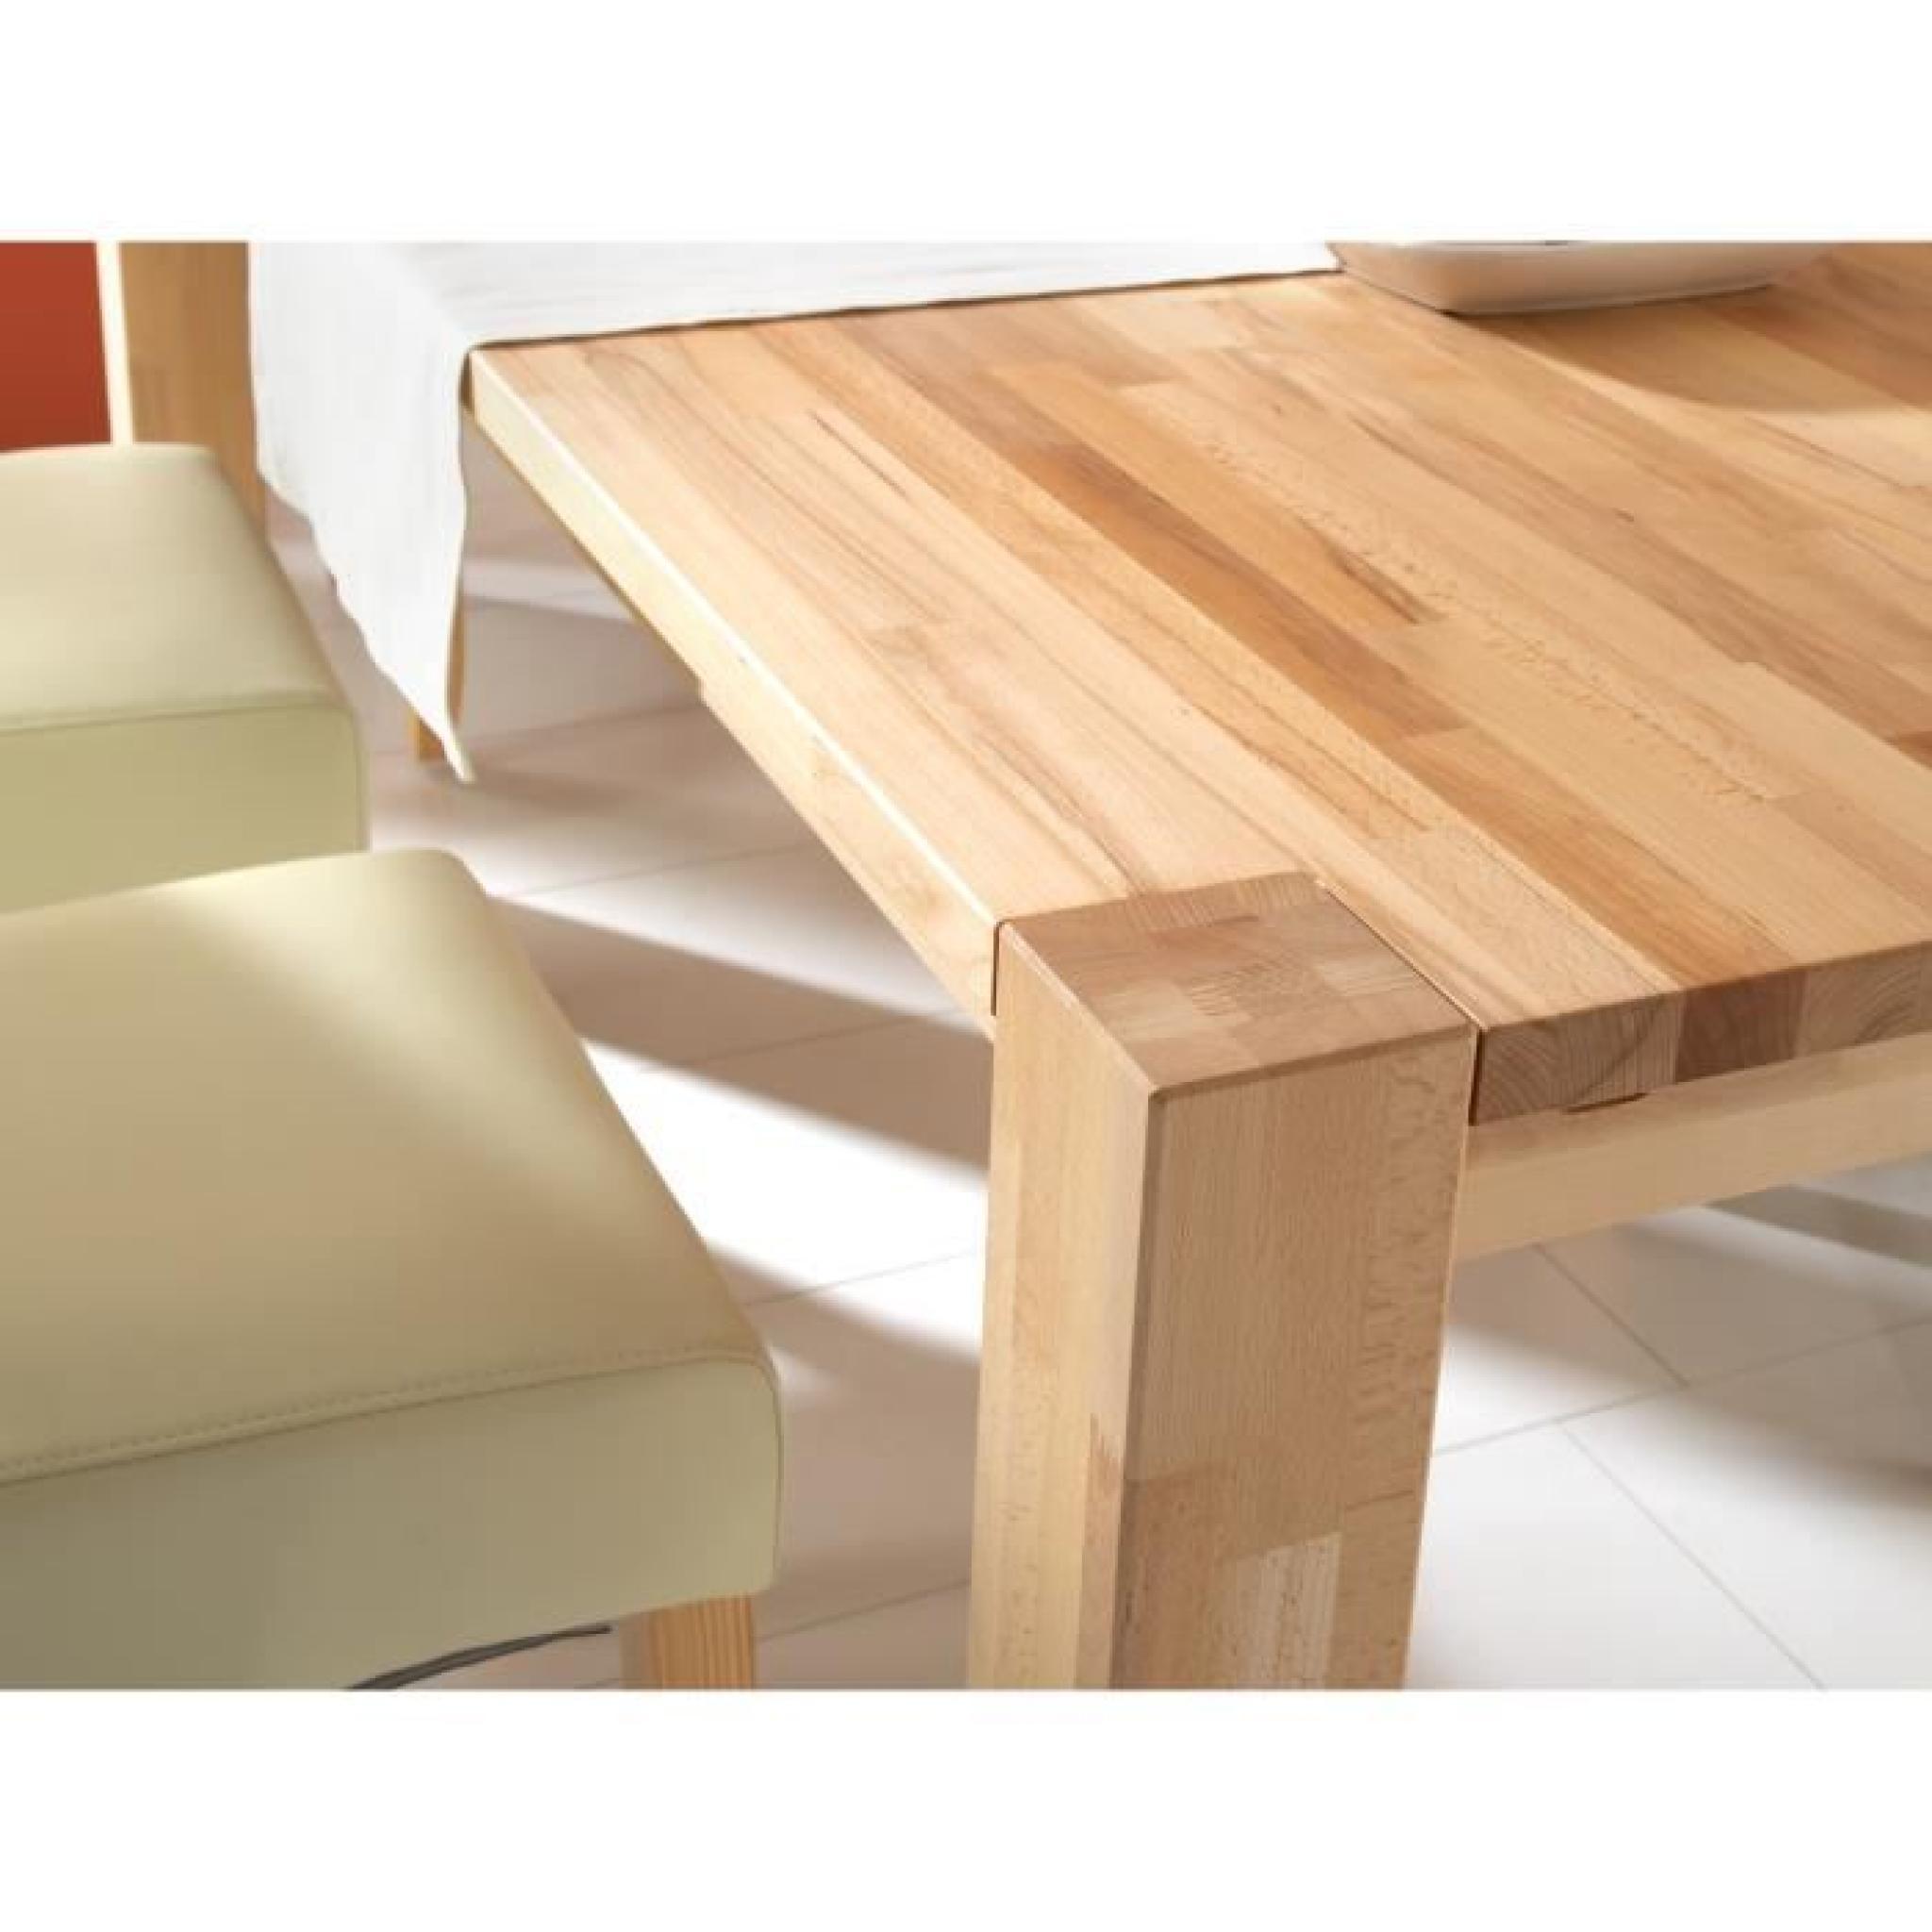 table buche 80x80 en h tre massif huil avec rallonges massivum achat vente table salle a. Black Bedroom Furniture Sets. Home Design Ideas